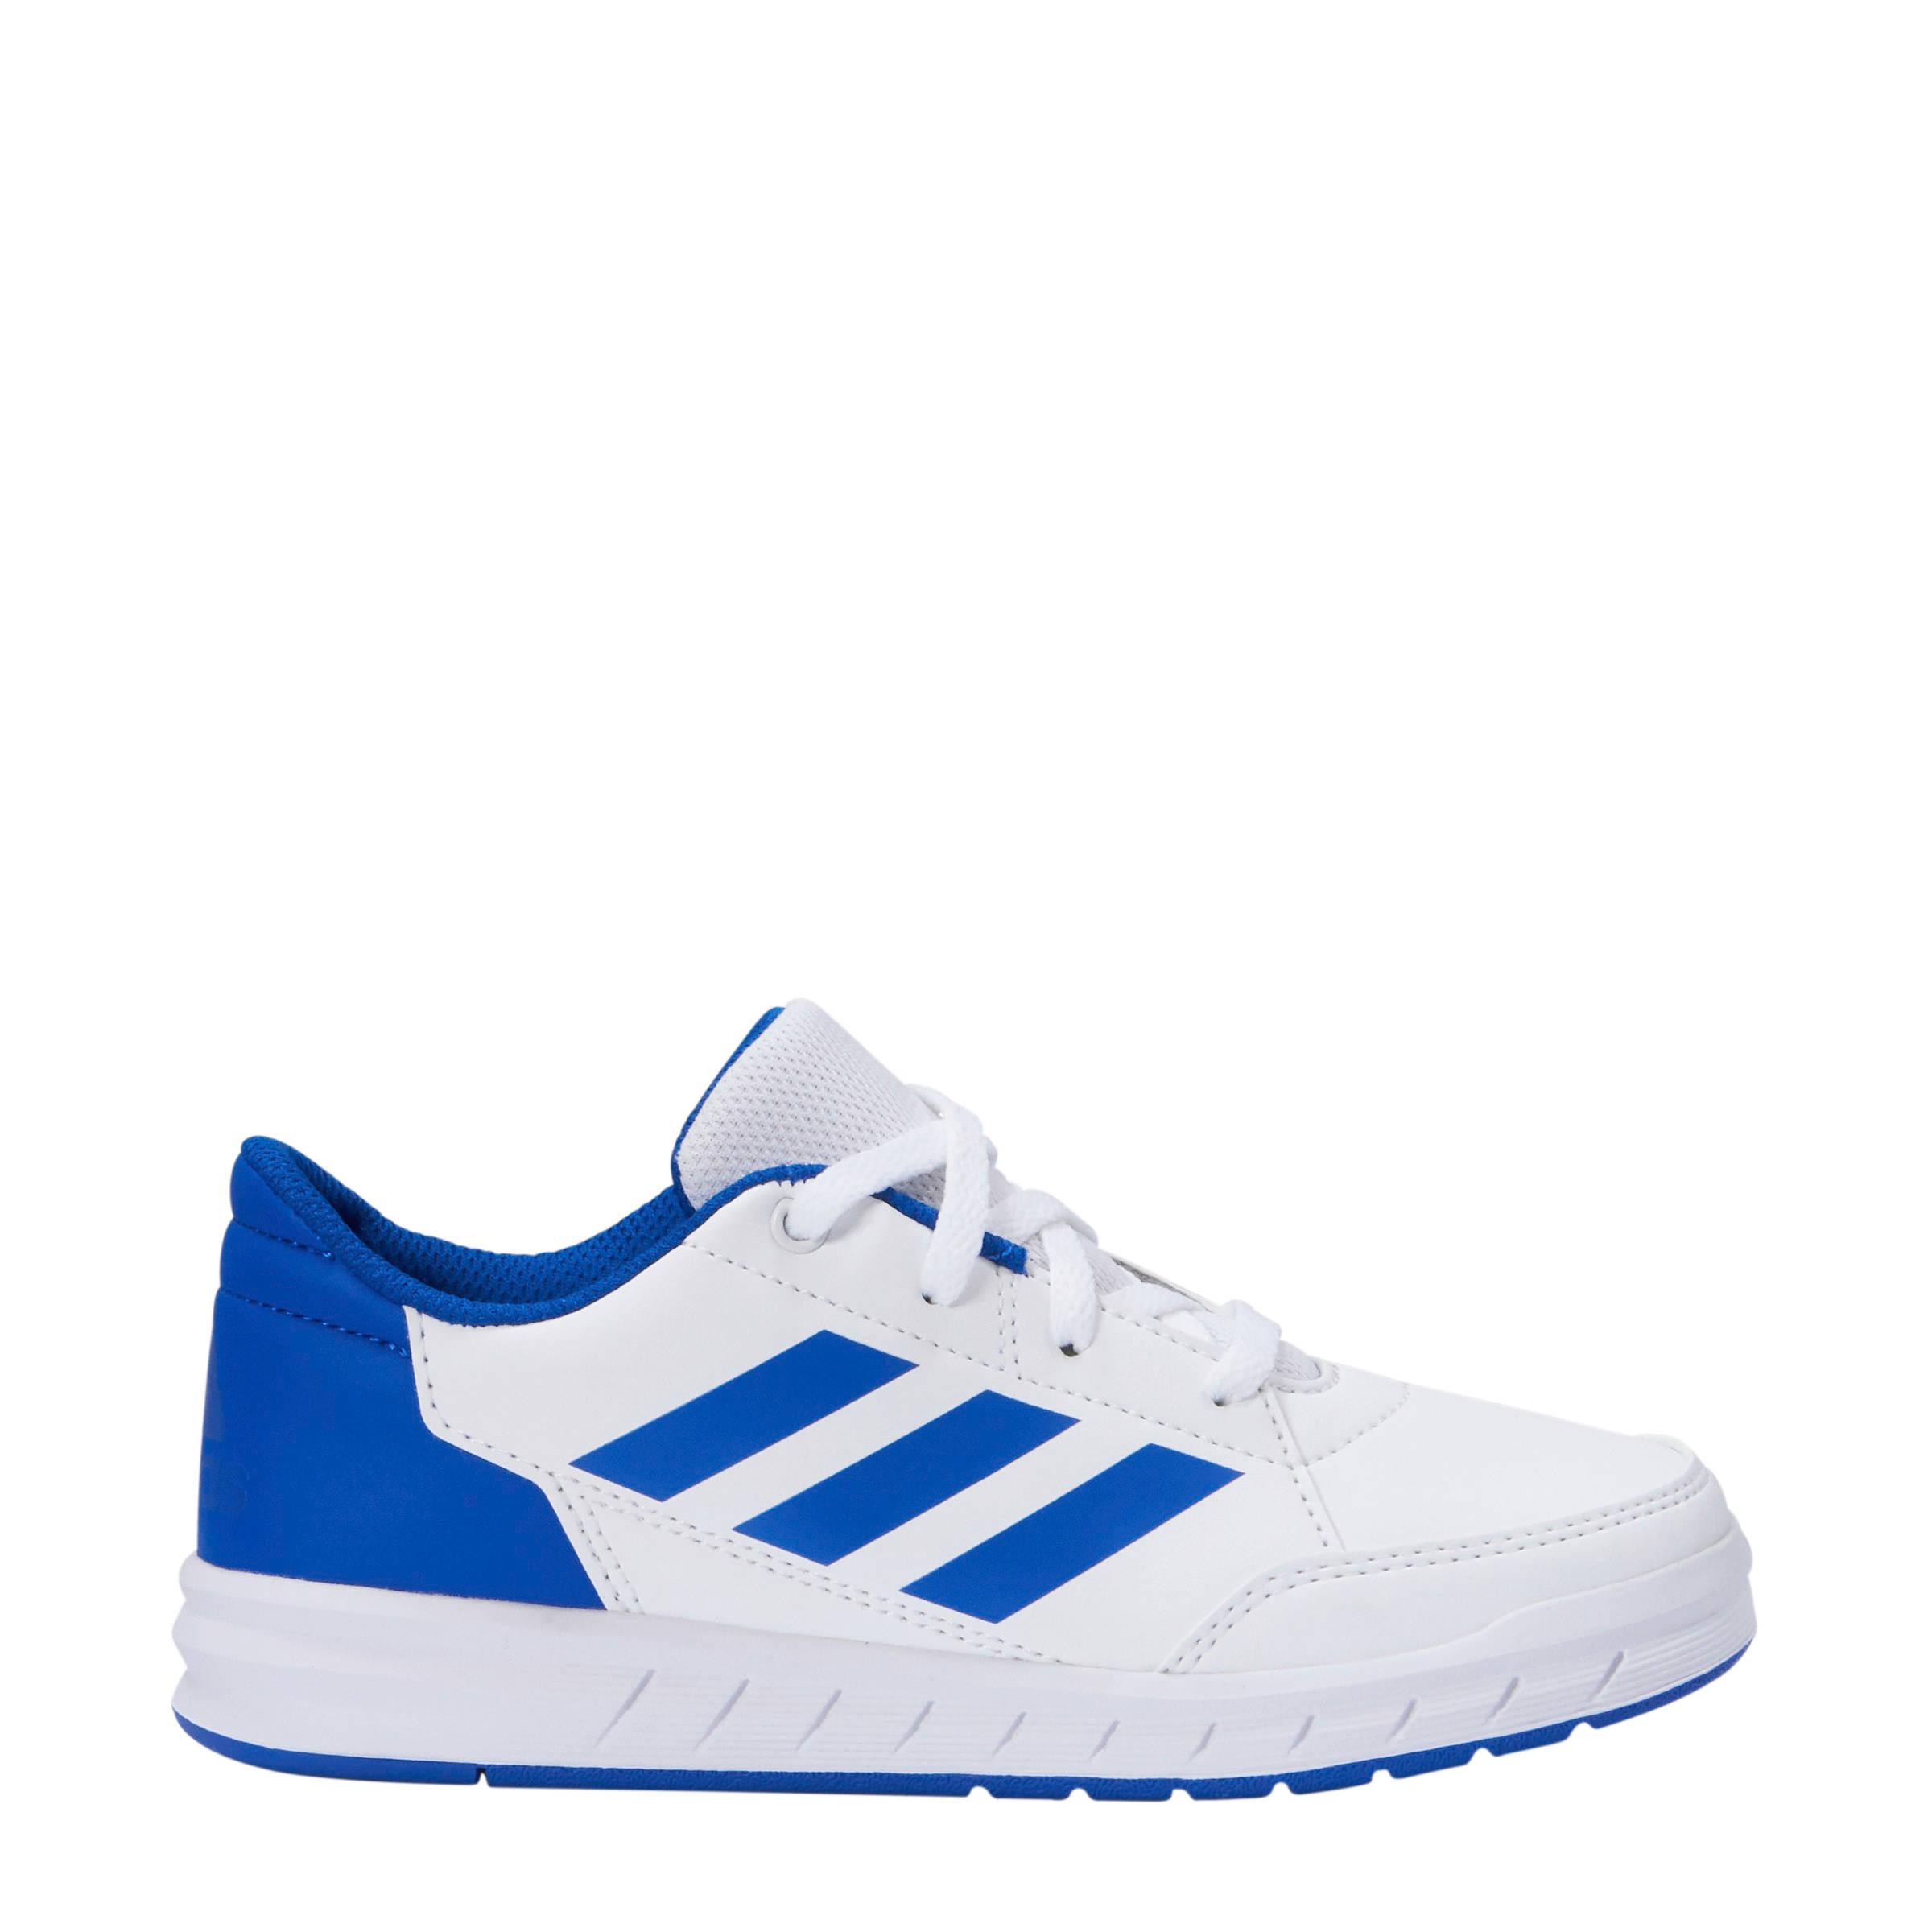 bf84fff9a19 adidas performance kids AltaSport sportschoenen wit/blauw   wehkamp